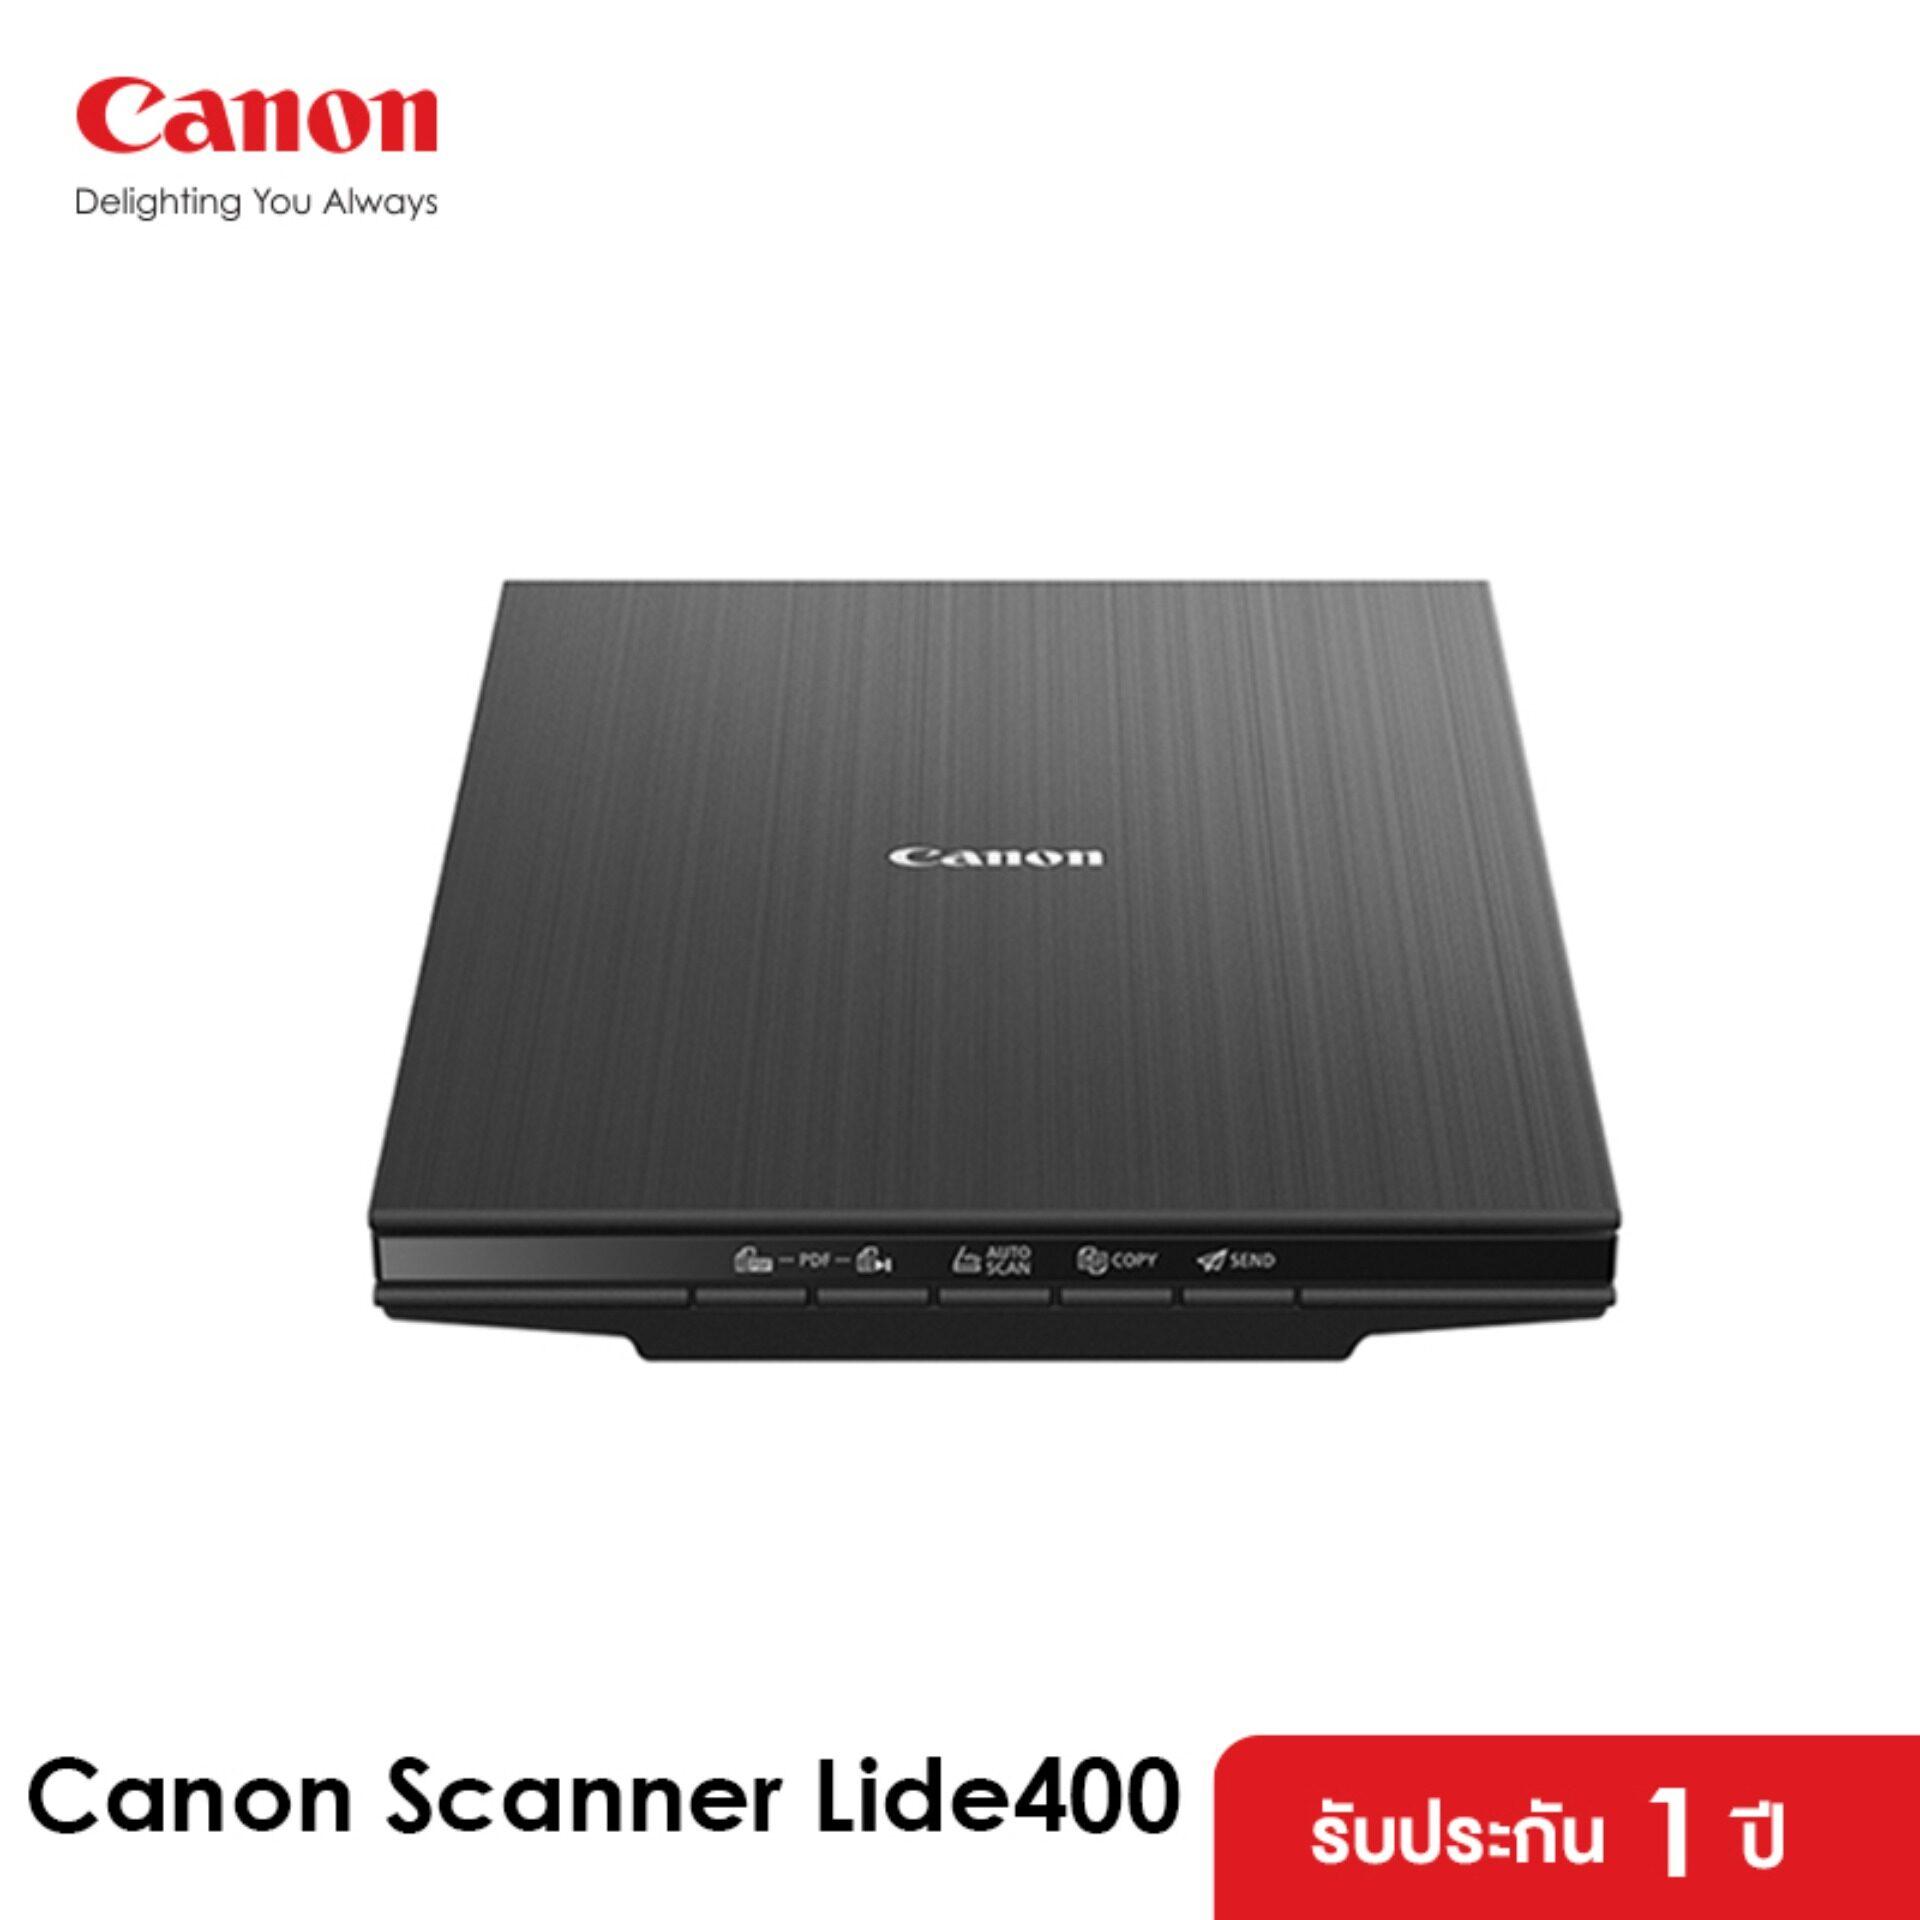 Canon เครื่องสแกนเนอร์ Canoscan รุ่น Lide400 (สแกน สแกนเนอร์).